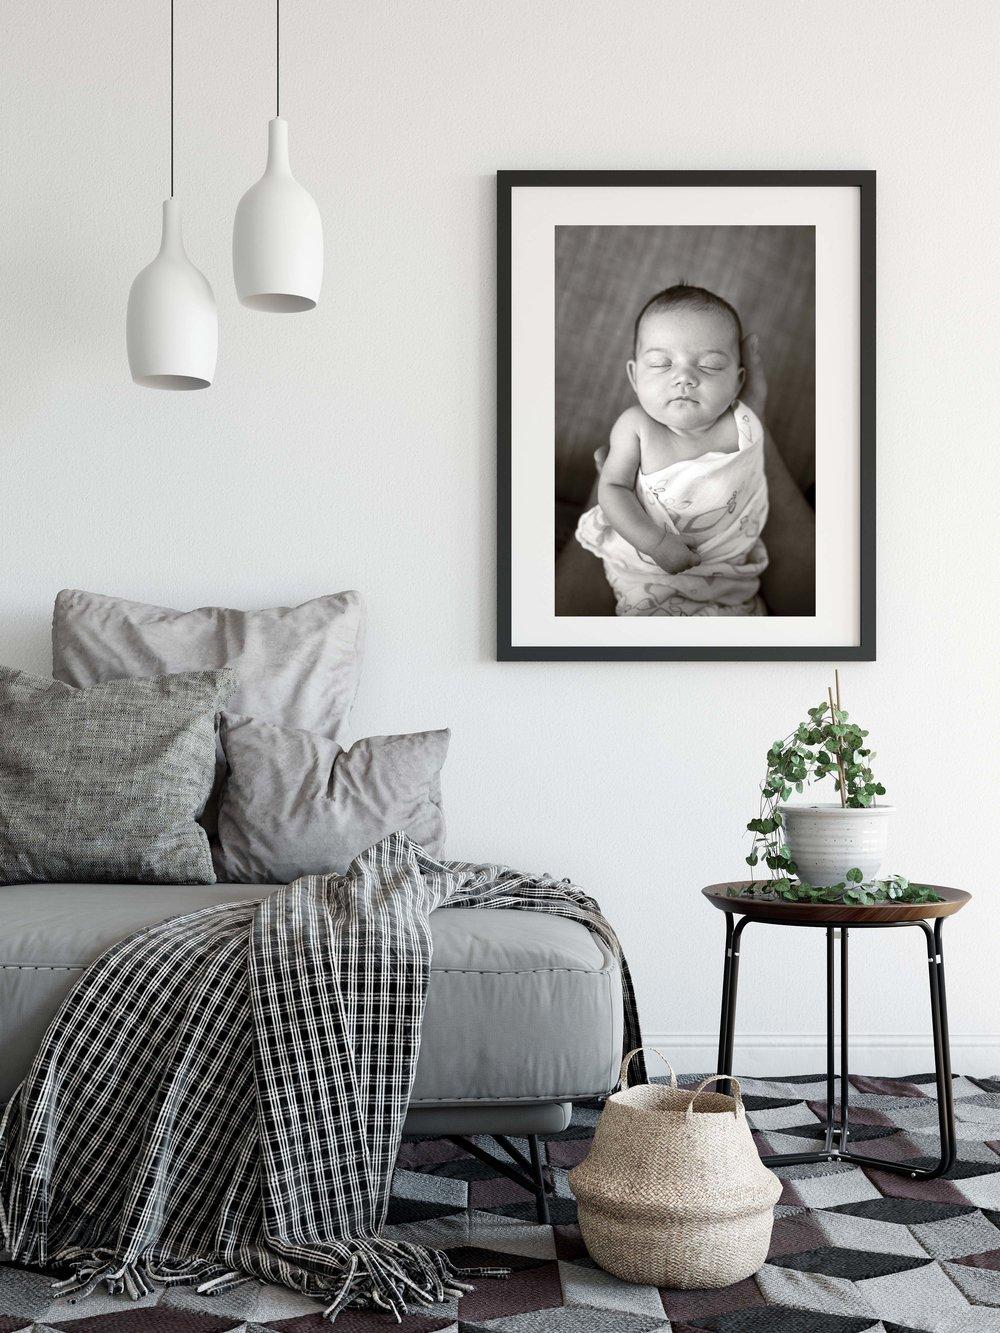 Shutterstock_640076233_GreyRoom.jpg